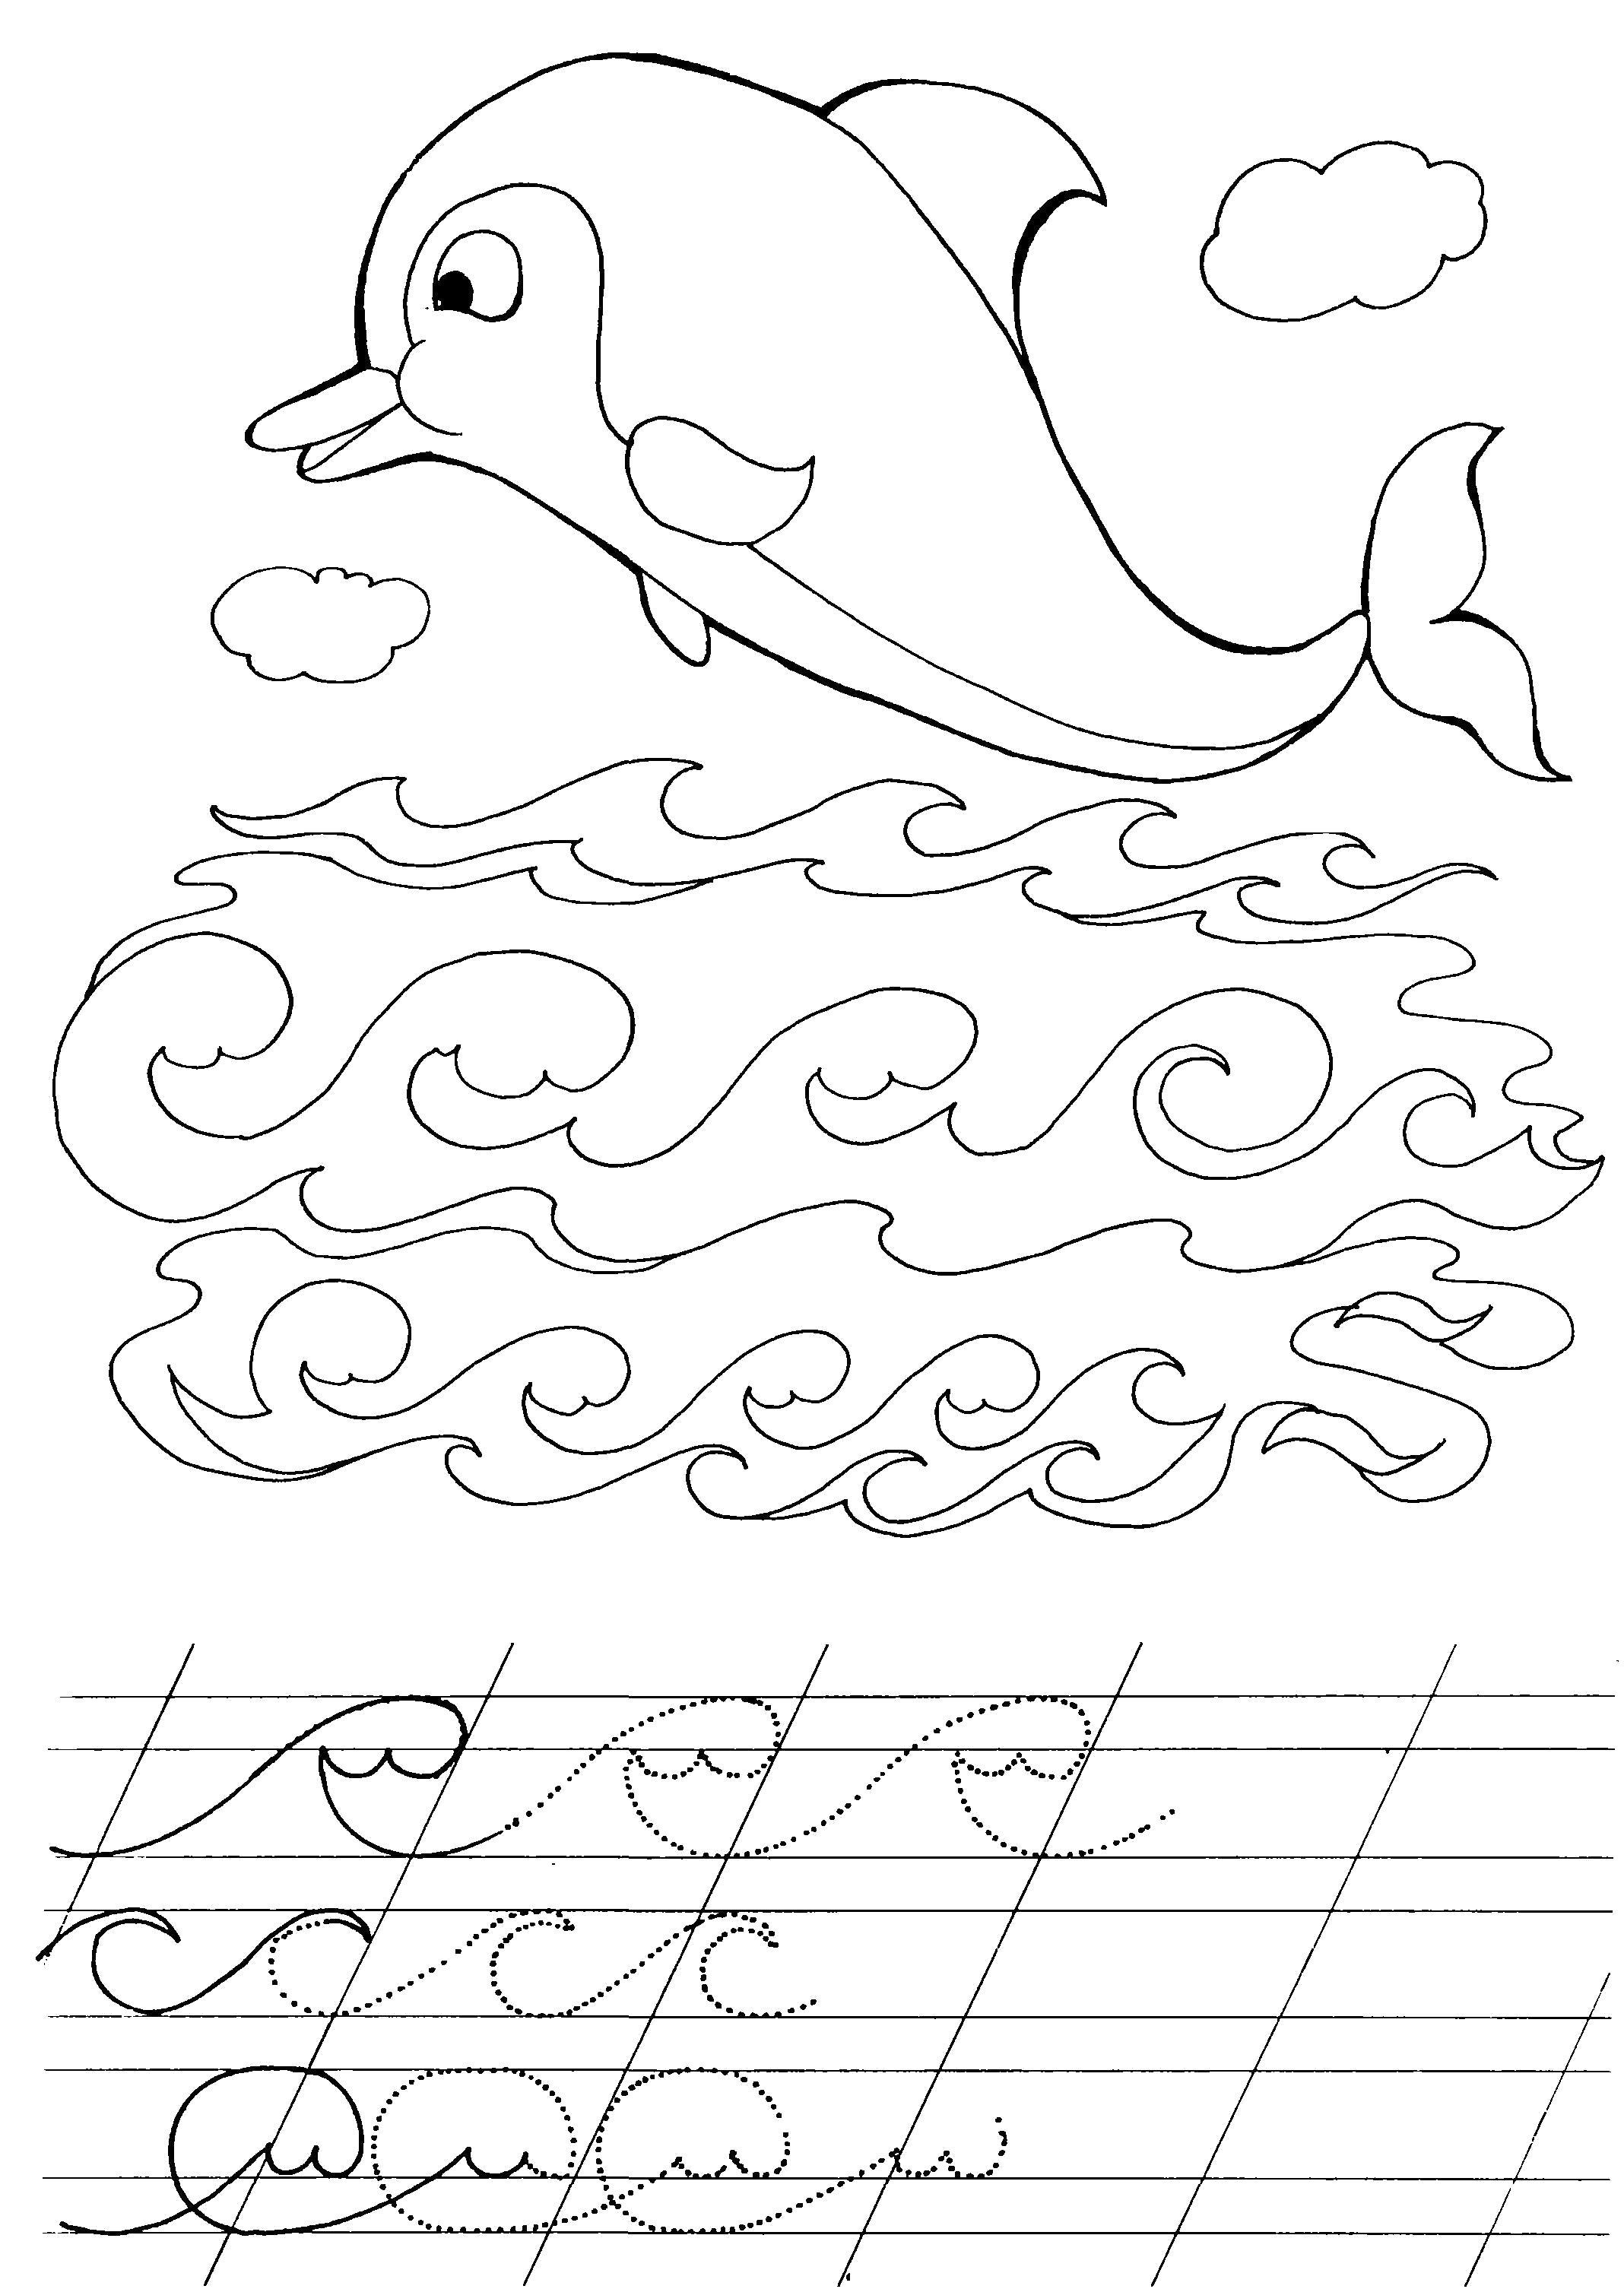 Прописи для дошкольников, дельфин на волнах